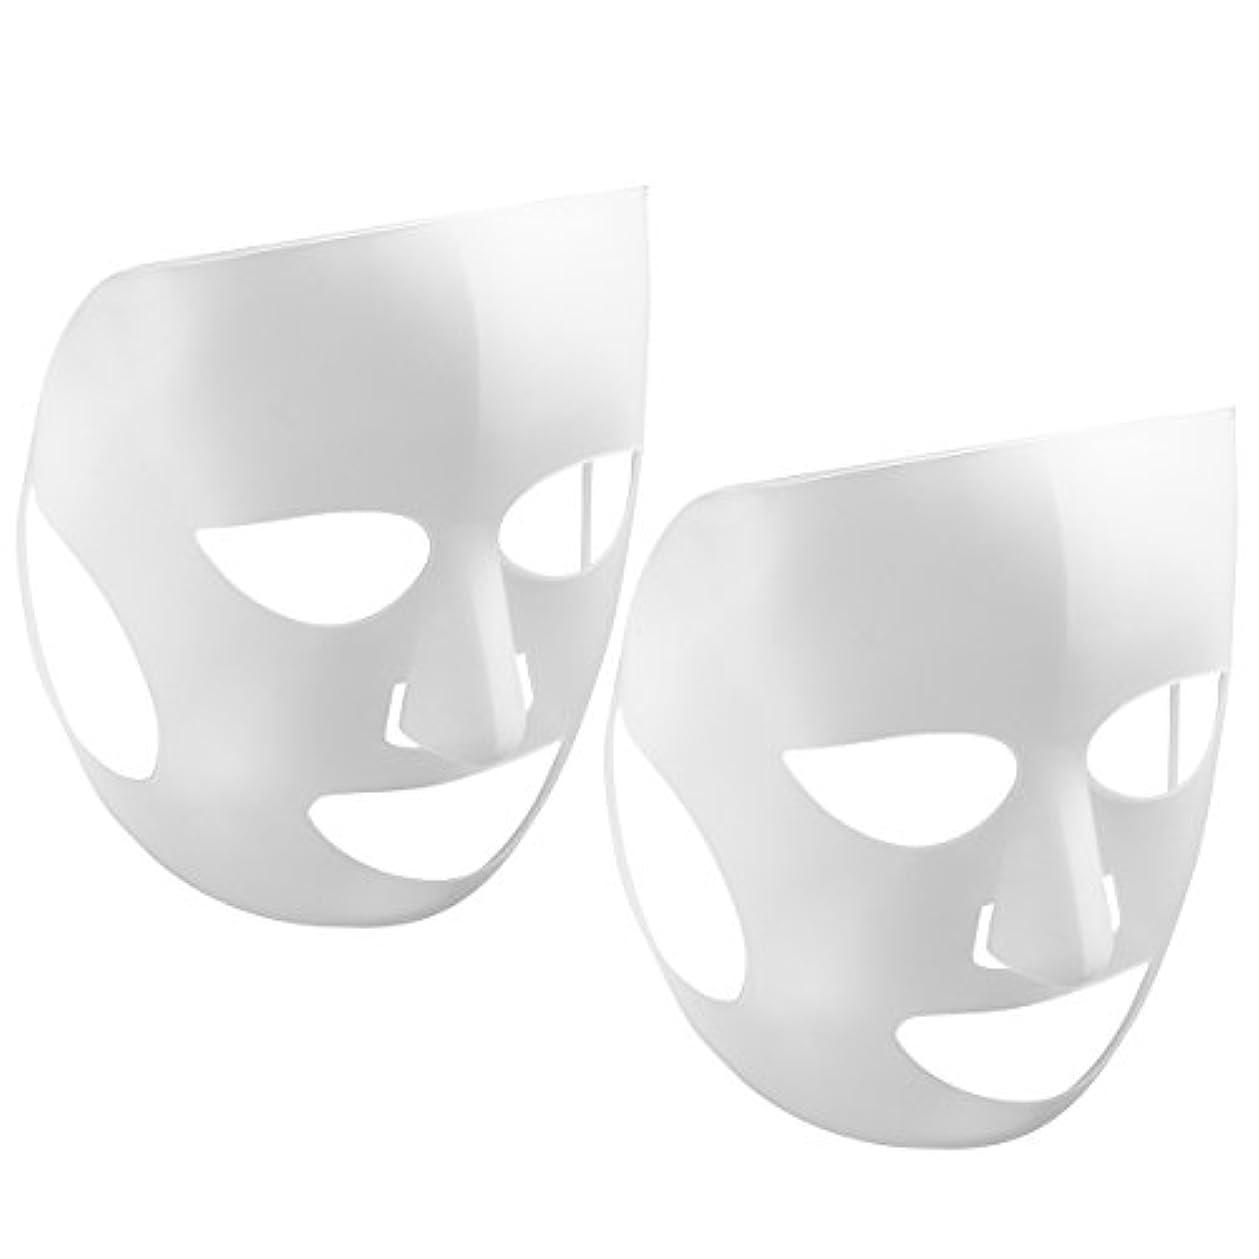 バリケード嫌いモンキー蒸発防止保湿マスクLurrose 5PCS再利用可能シリコンマスクカバー(ホワイト)